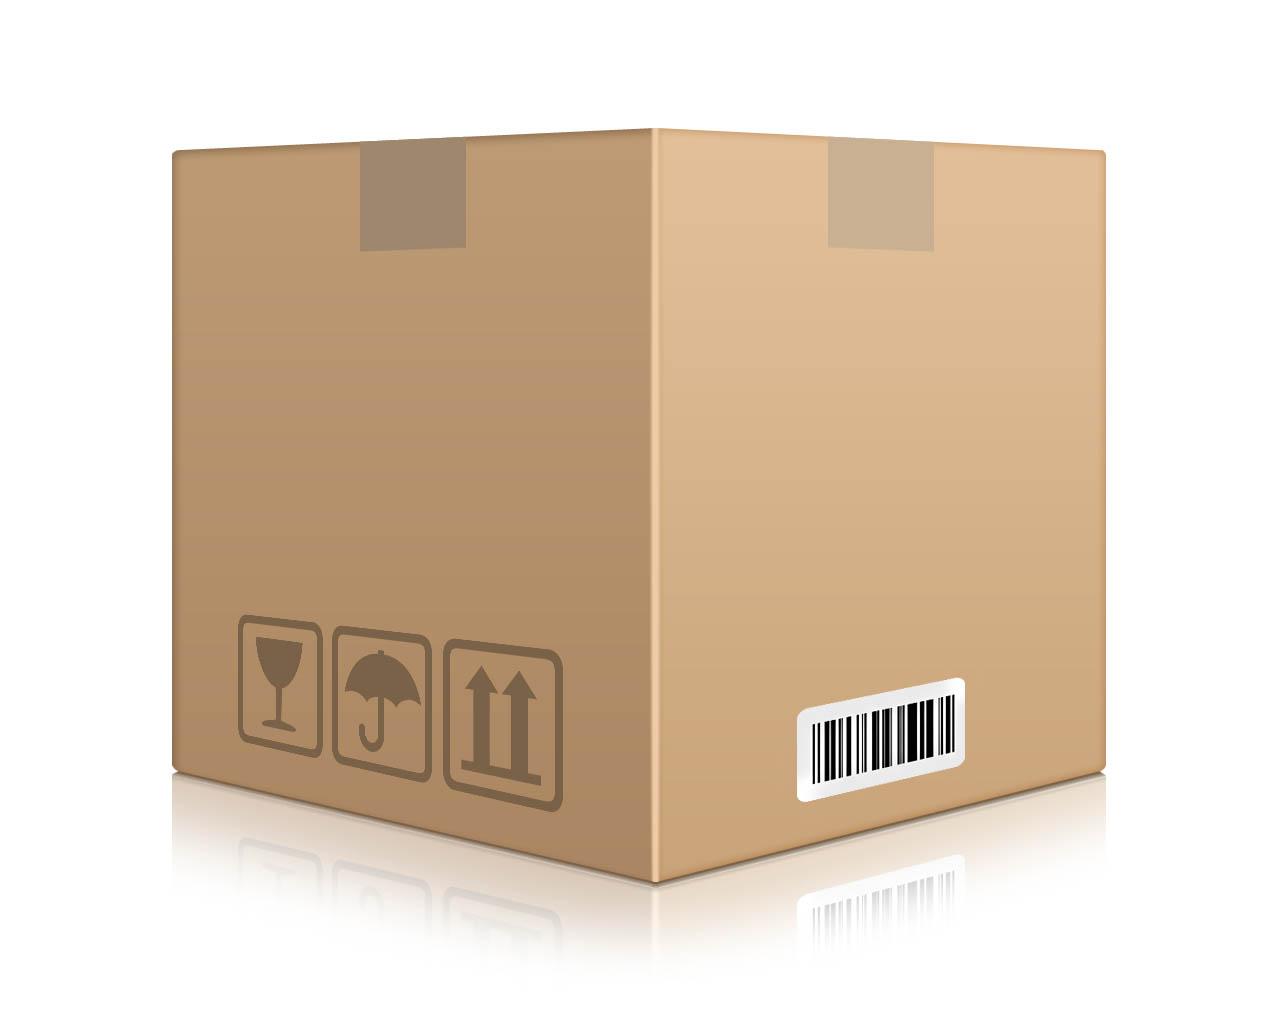 caja_de_carton_psd_by_gianferdinand-d4nu4xm